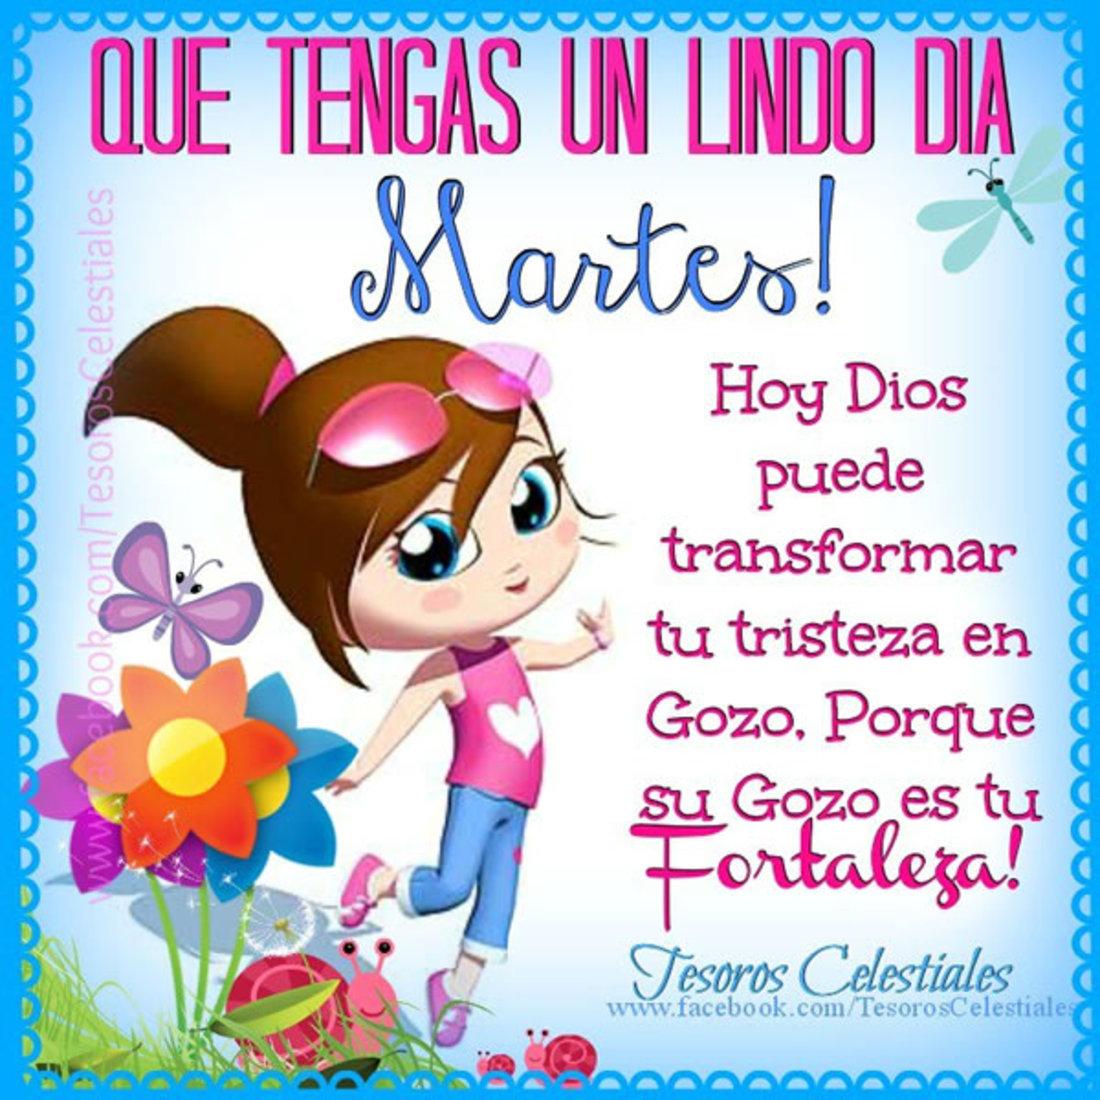 Que tengas un lindo día martes! Hoy Dios puede transformar tu tristeza en gozo. Porque su gozo es tu fortaleza!